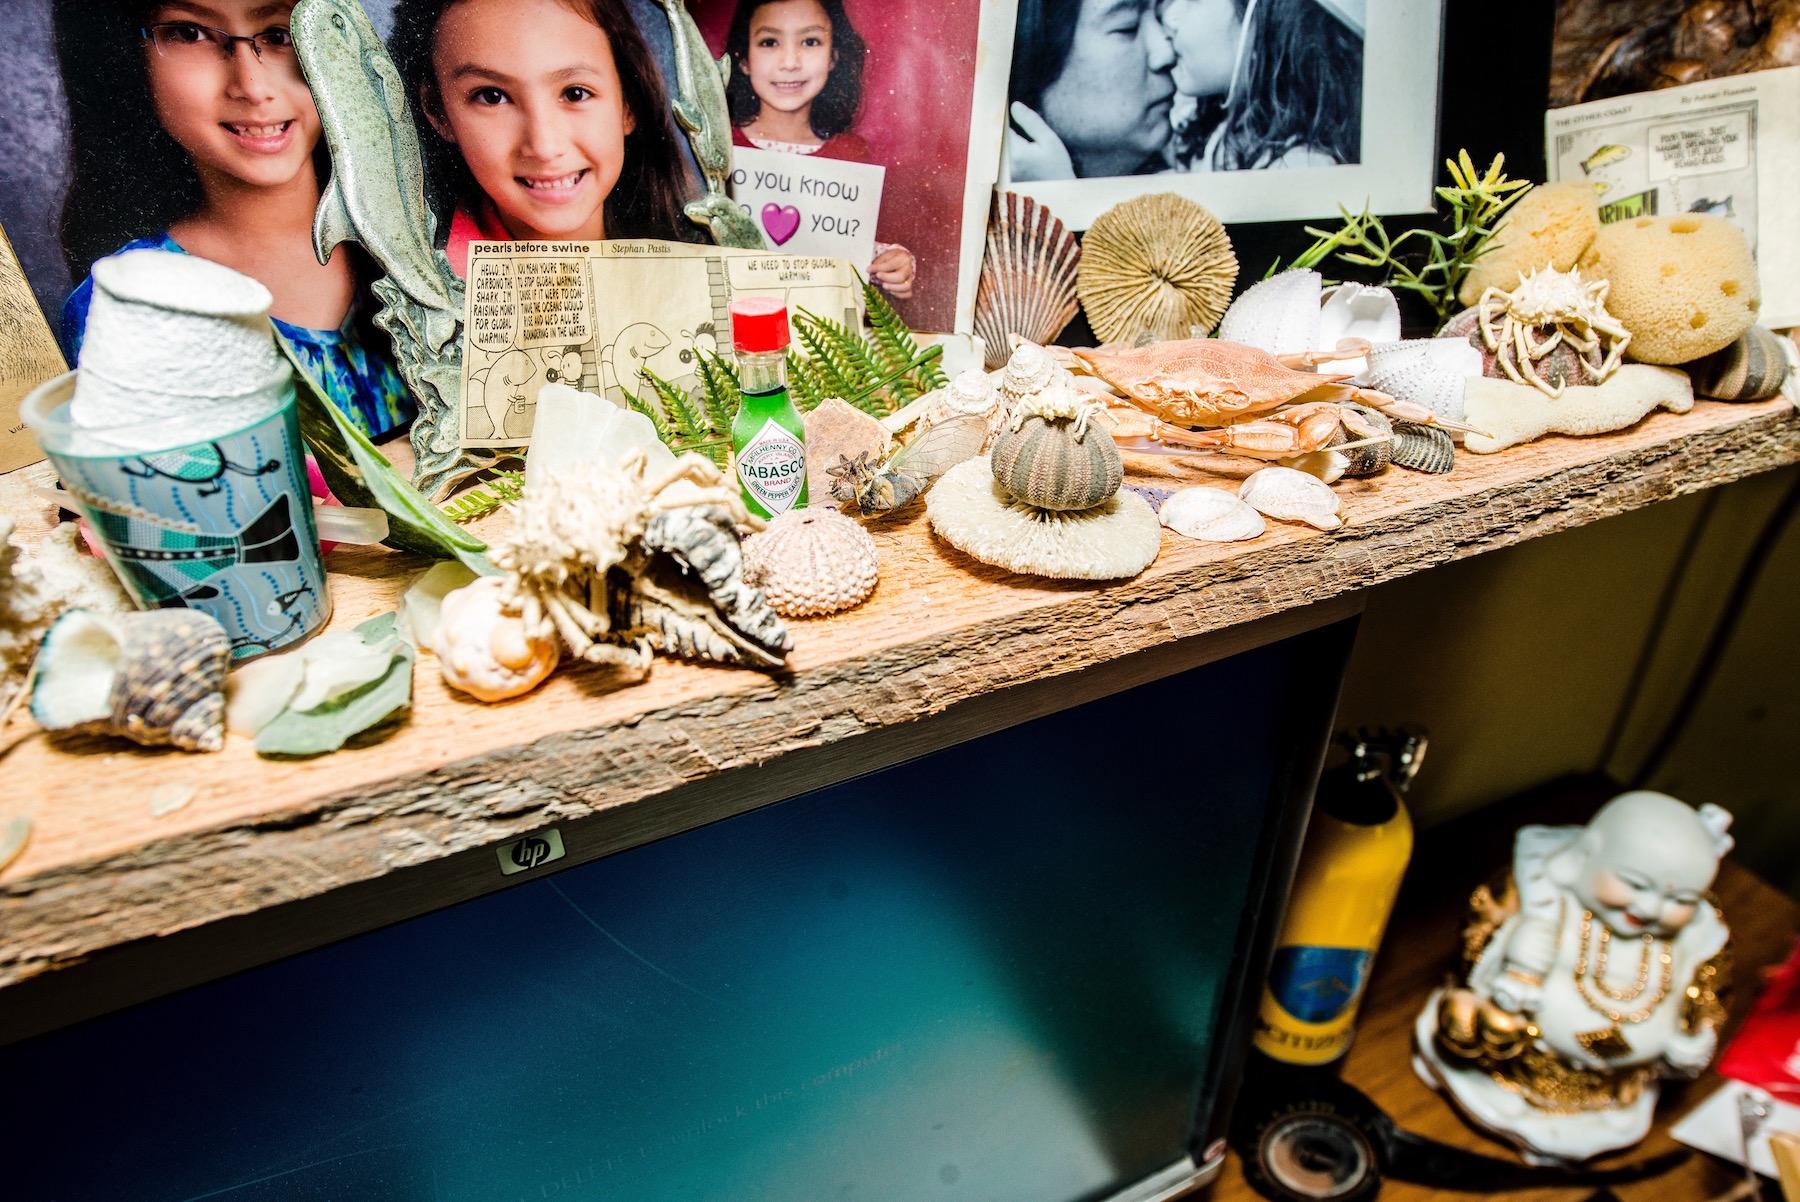 Virginia Aquarium Desk, sea shells, coral